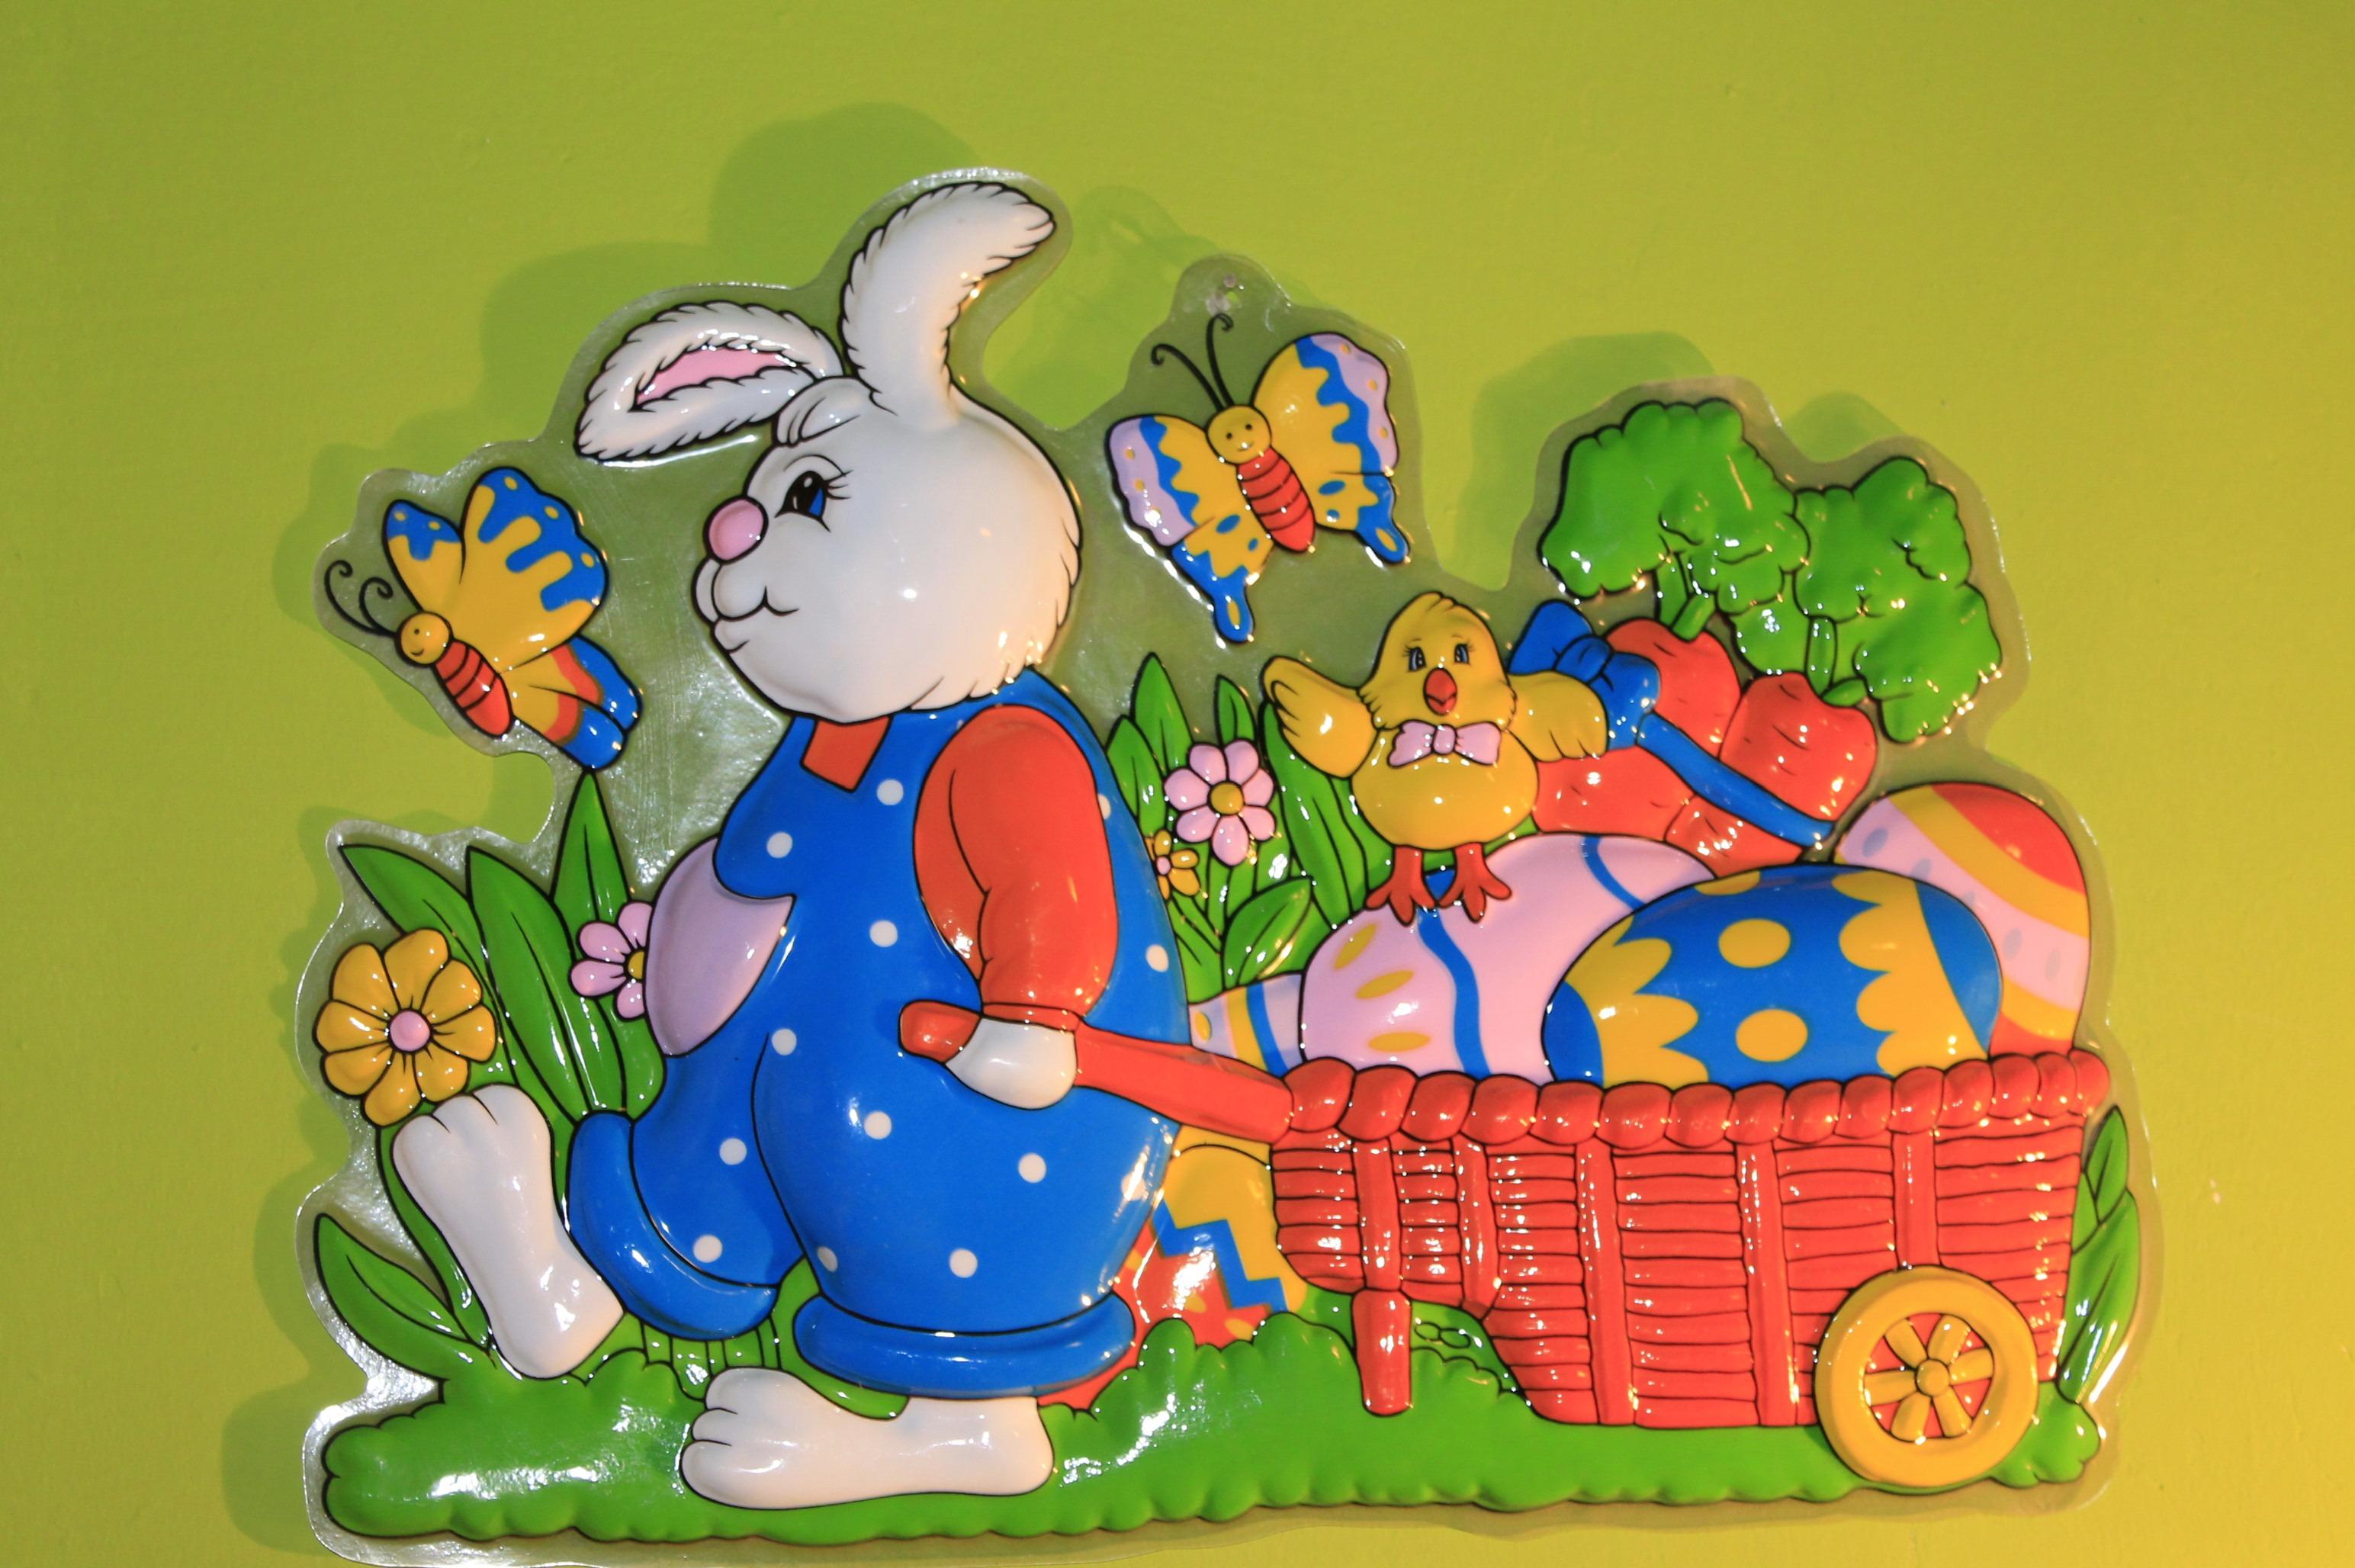 Fotos gratis : jugar, comida, vistoso, juguete, ilustración, pintado ...